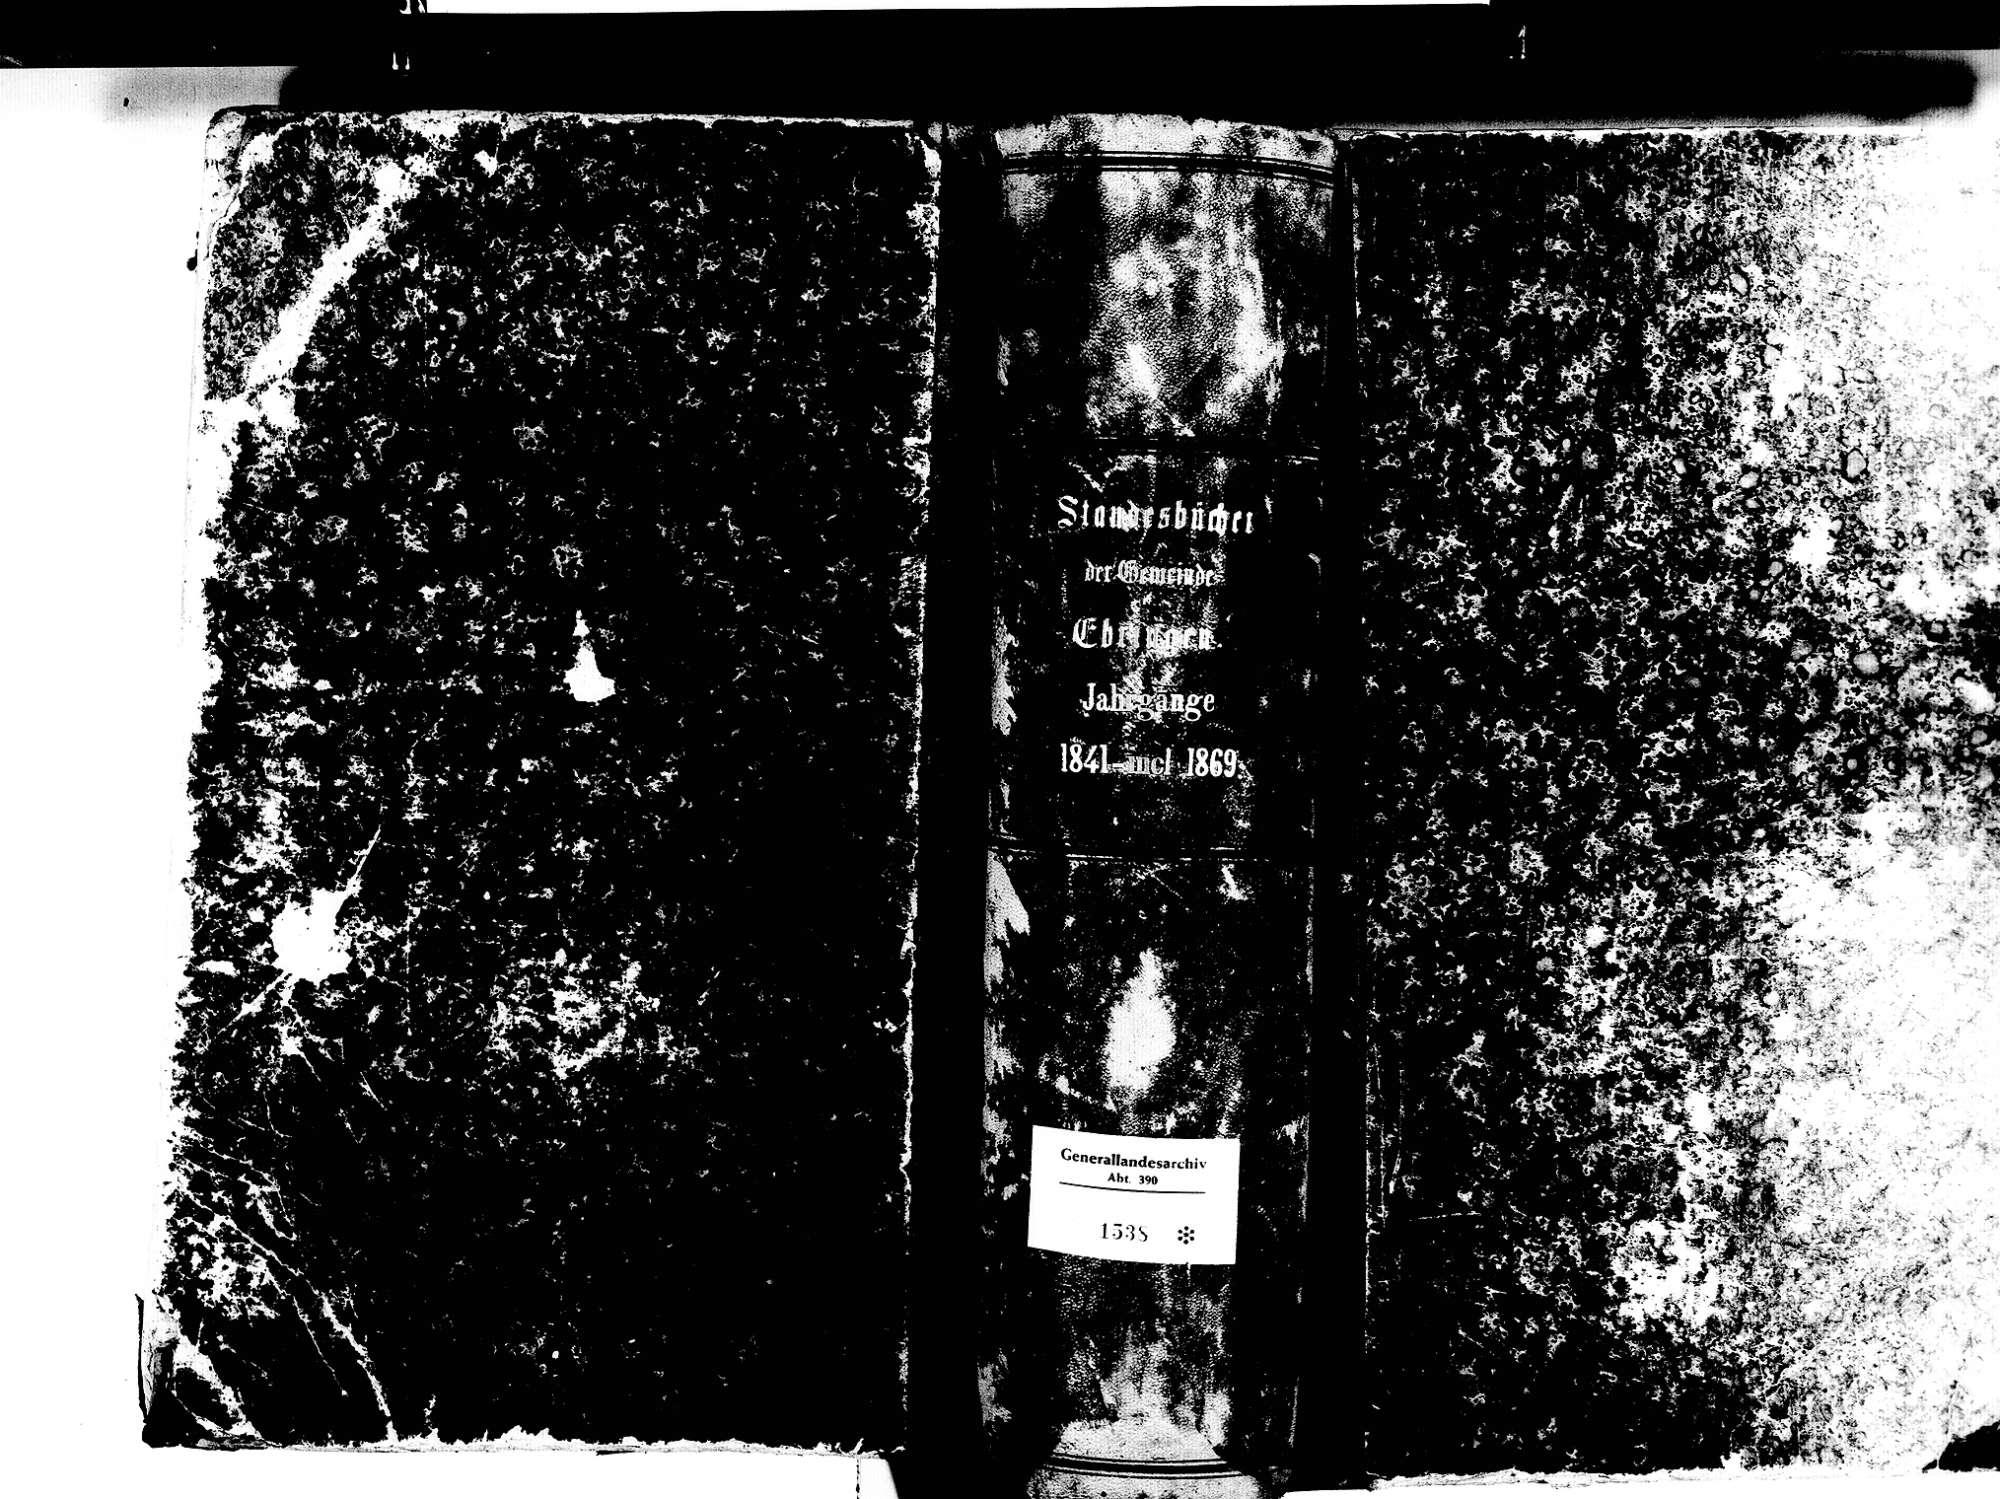 Ebringen FR; Katholische Gemeinde: Standesbuch 1841-1869, [1870 nur Januar], Bild 2